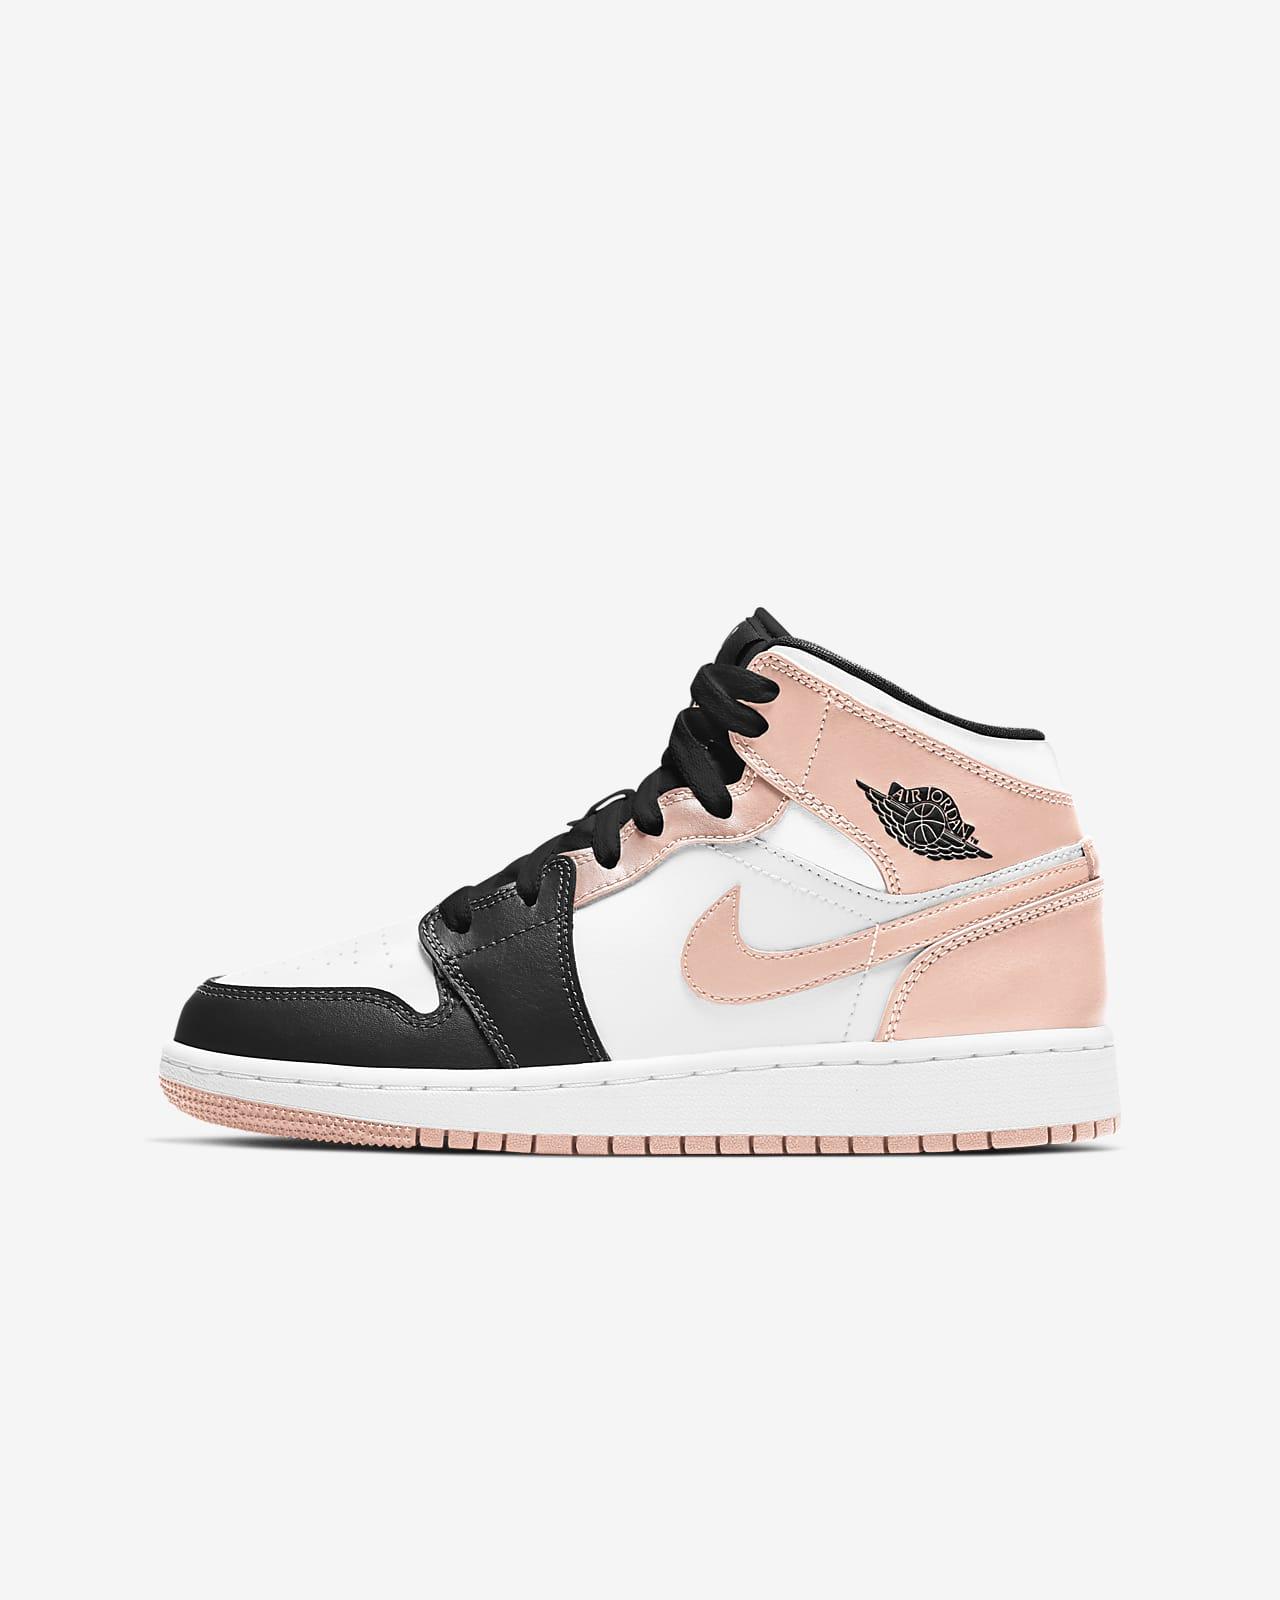 Air Jordan 1 Mid Older Kids' Shoes. Nike BE